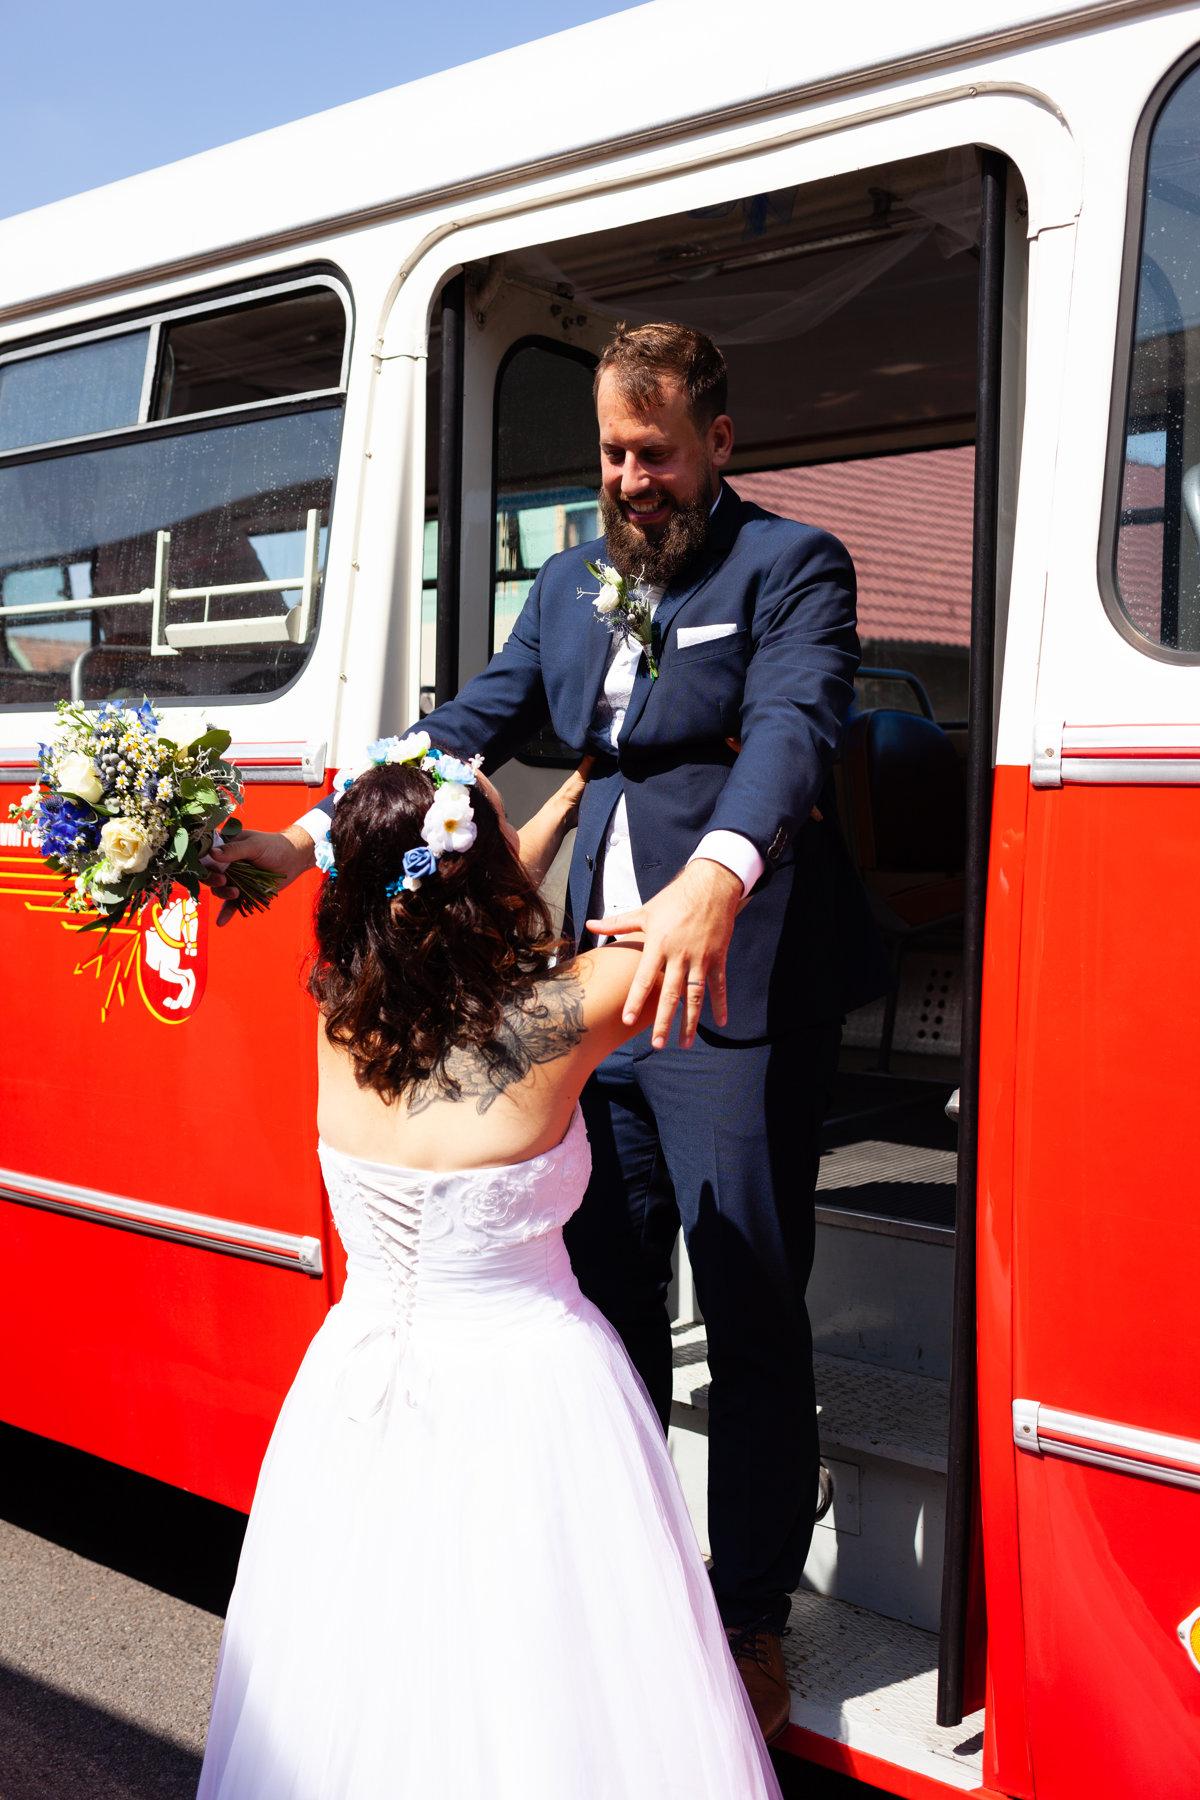 Nevěsta pomáhá ženichovi ze svatebního autobusu